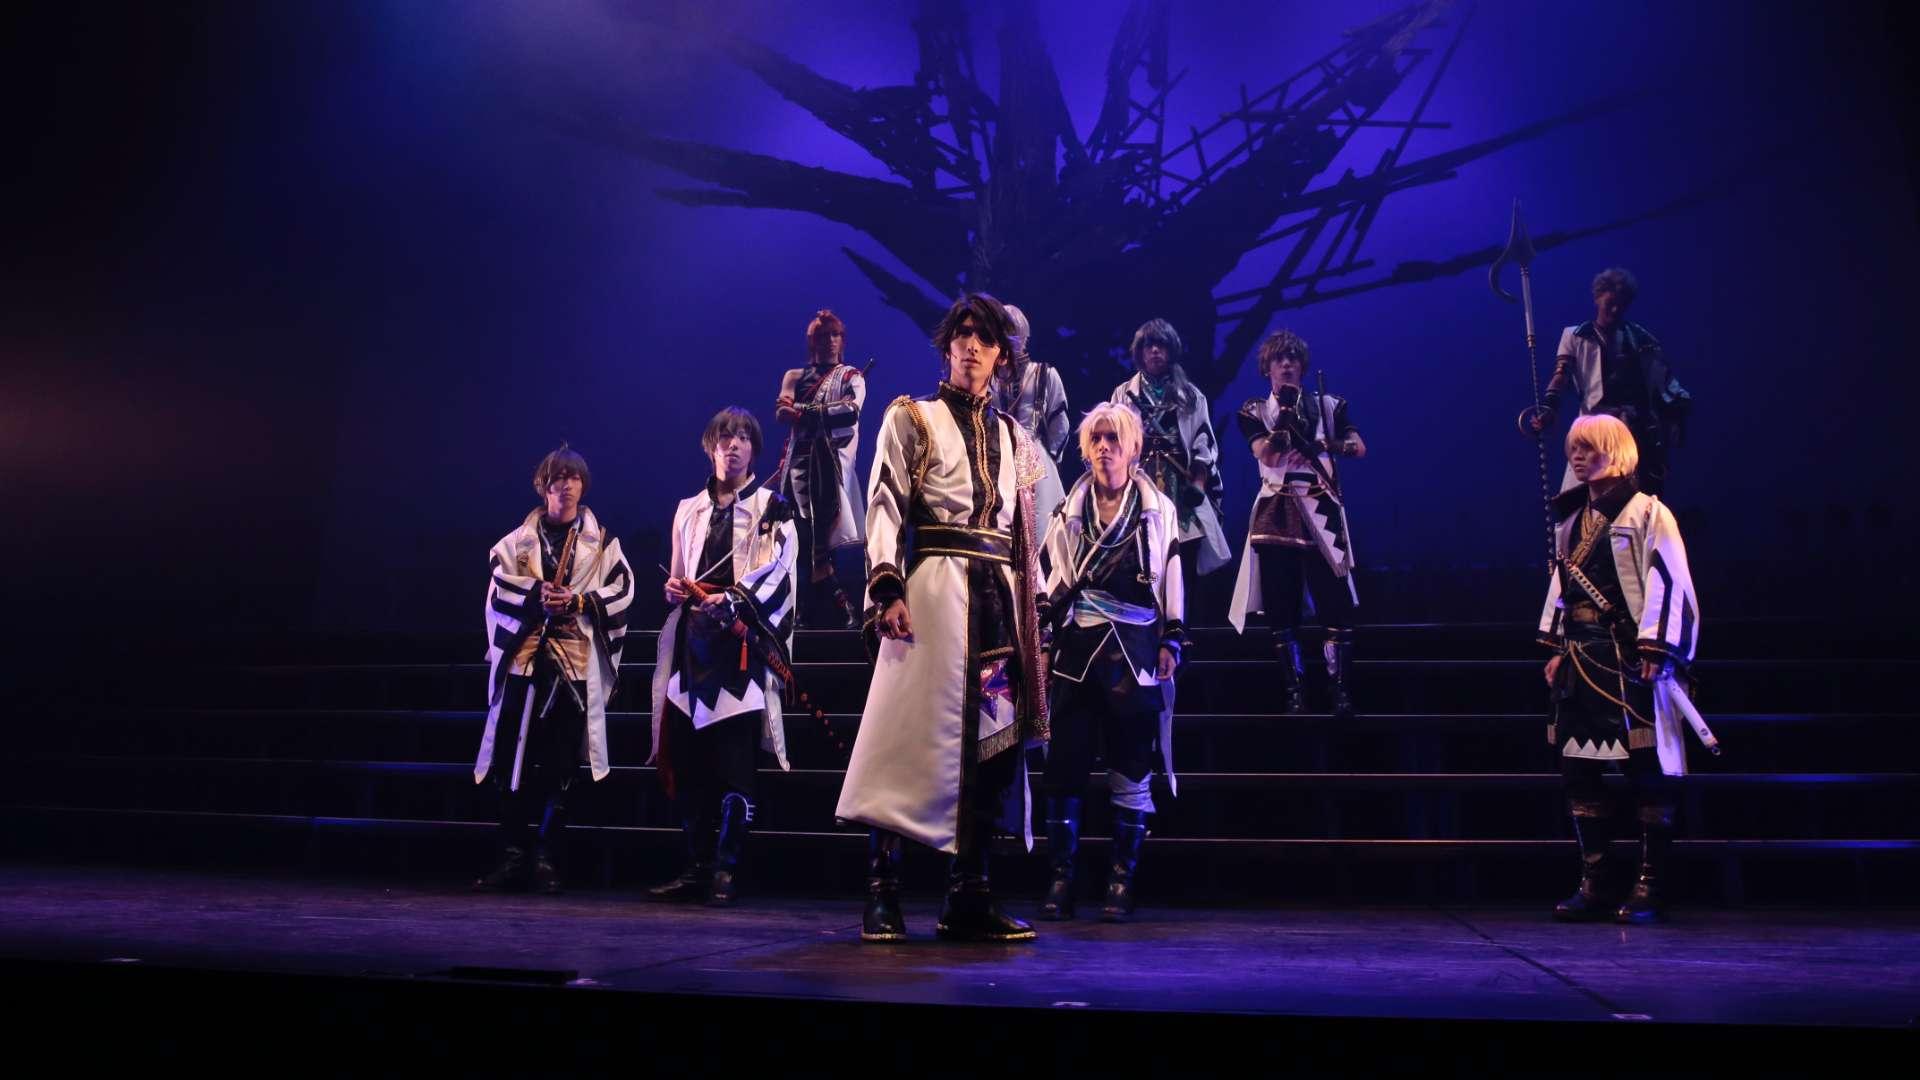 2.5 次元ダンスライブ「ツキウタ。」ステージ 第二幕 ~月歌奇譚「夢見草」~桜の章